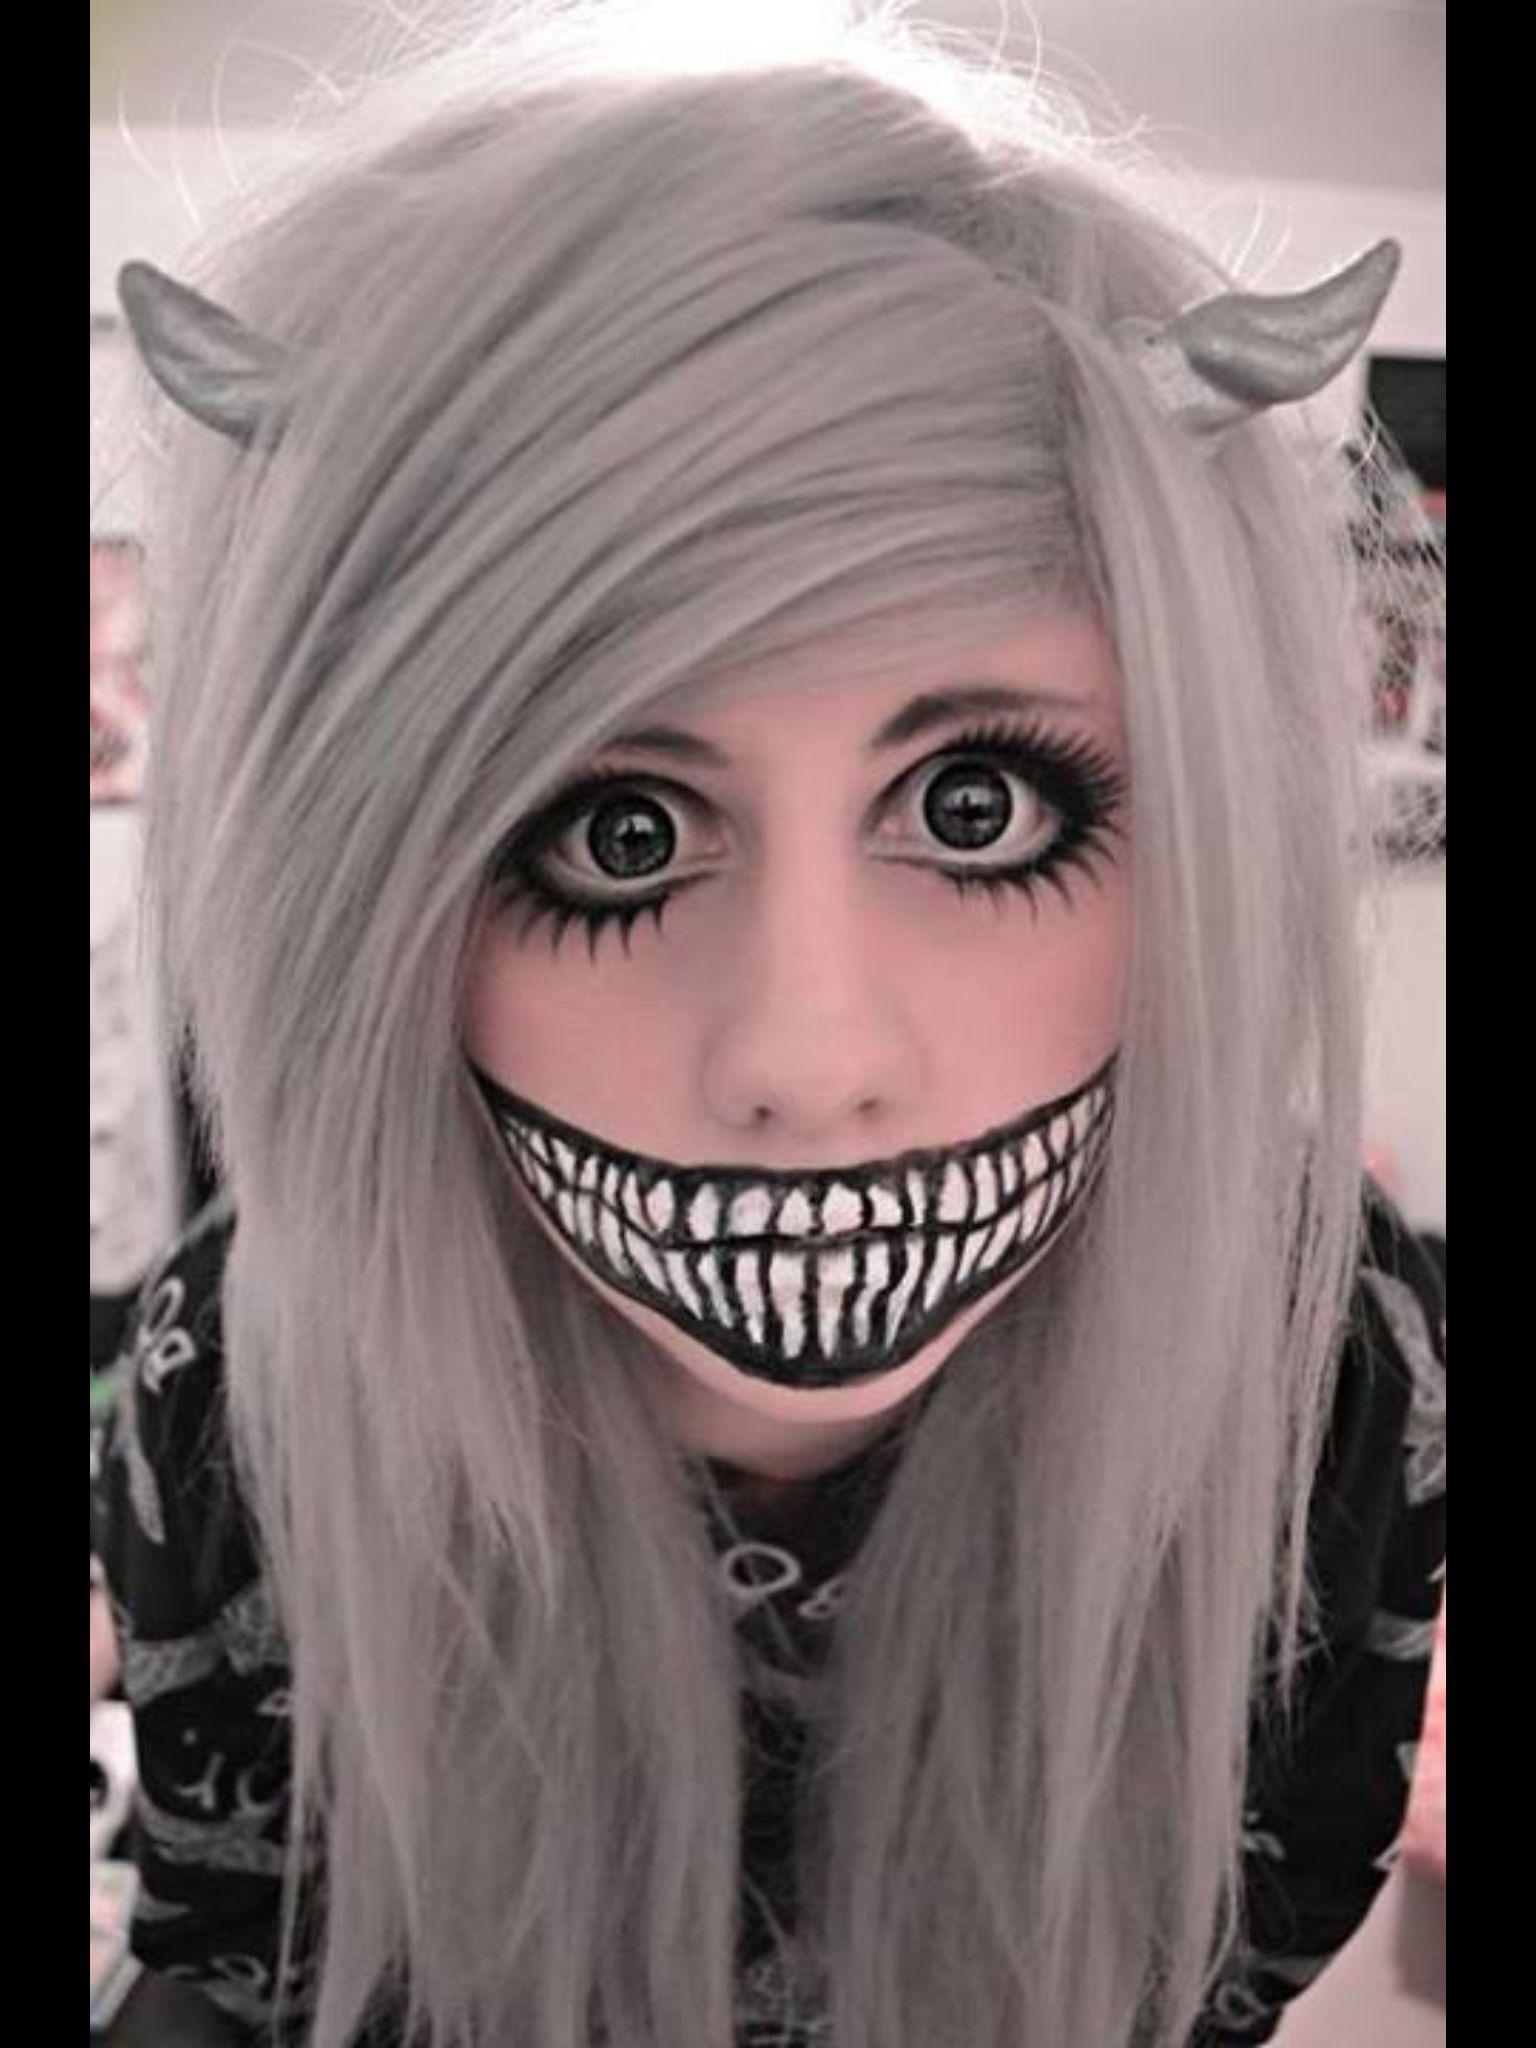 Demon makeup | HALLOWEEN | Pinterest | Demon makeup ...  Demon Halloween Makeup